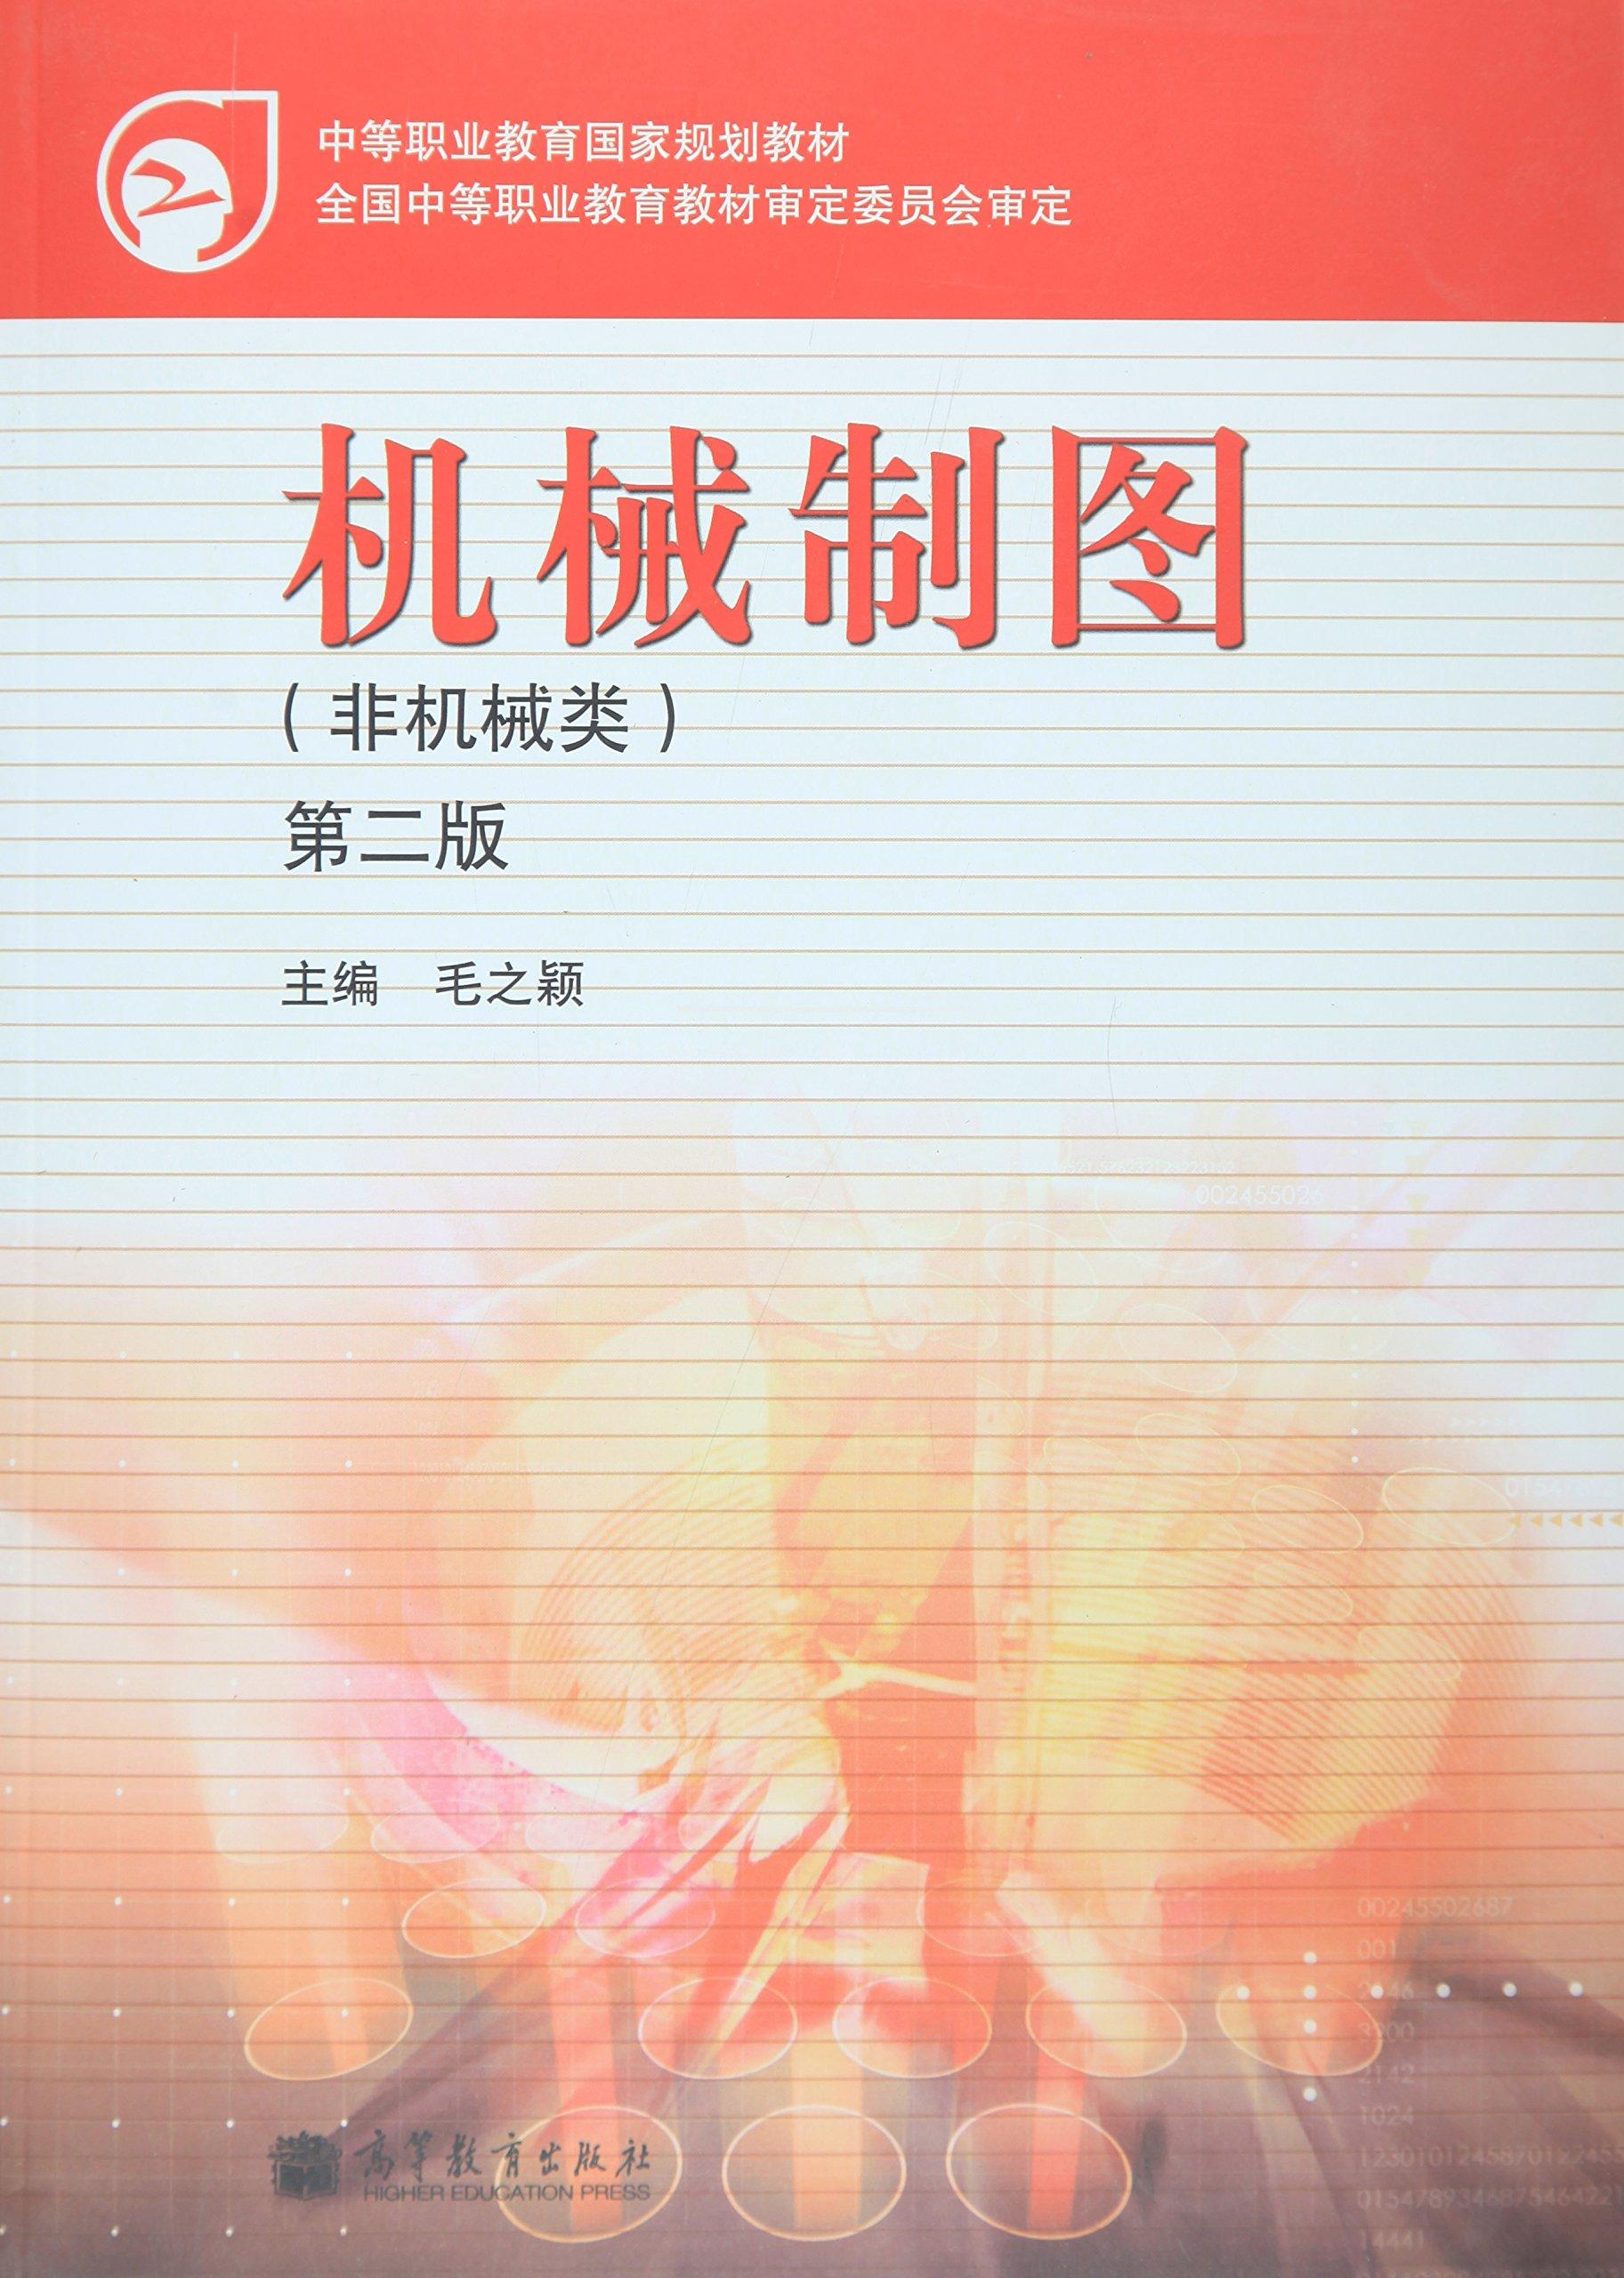 機械製圖(第二版)(2013年高等教育出版社出版的圖書):成書過程,內容簡介,_中文百科全書